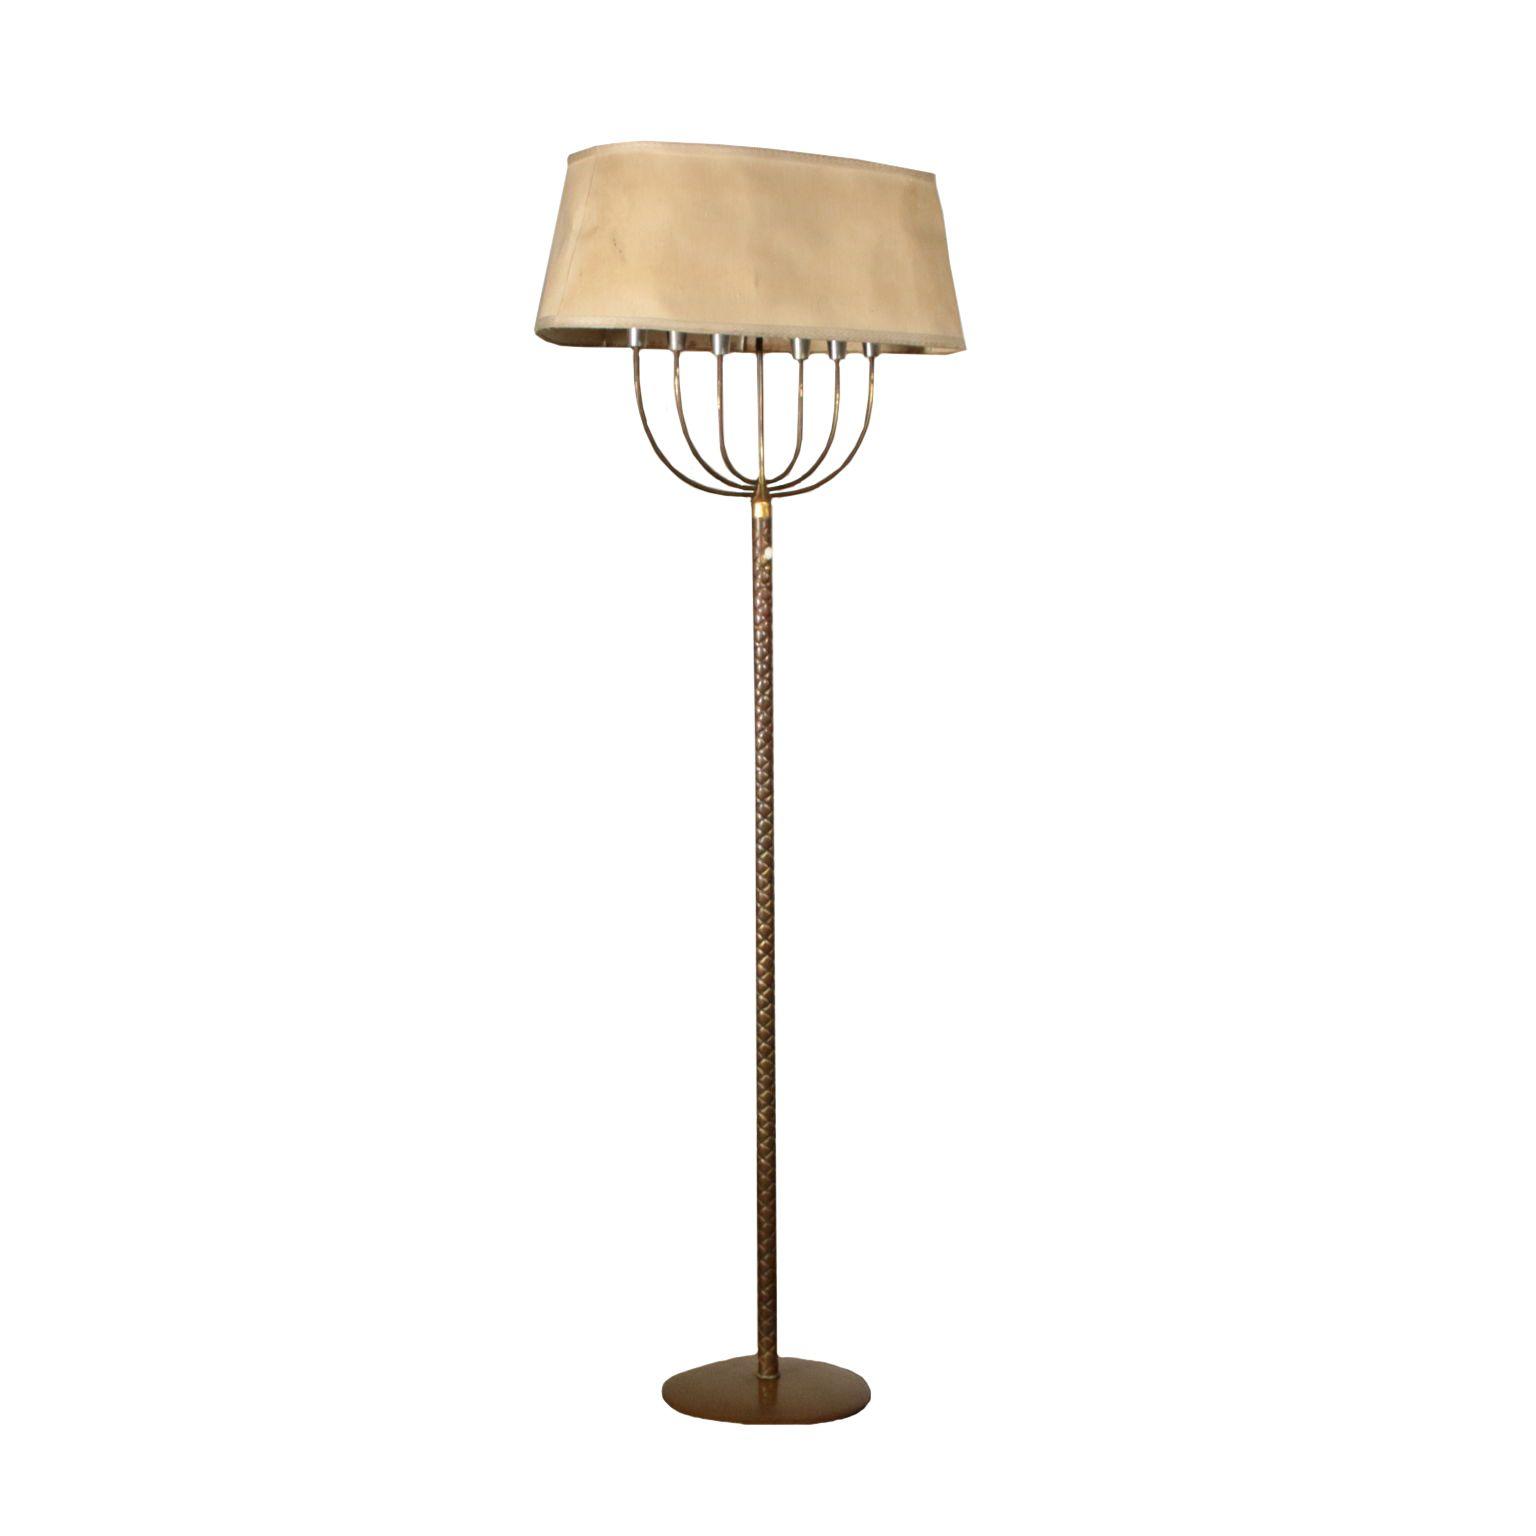 Stehlampe Aus Messing Vintage Italien 40er 50er Jahre Brass